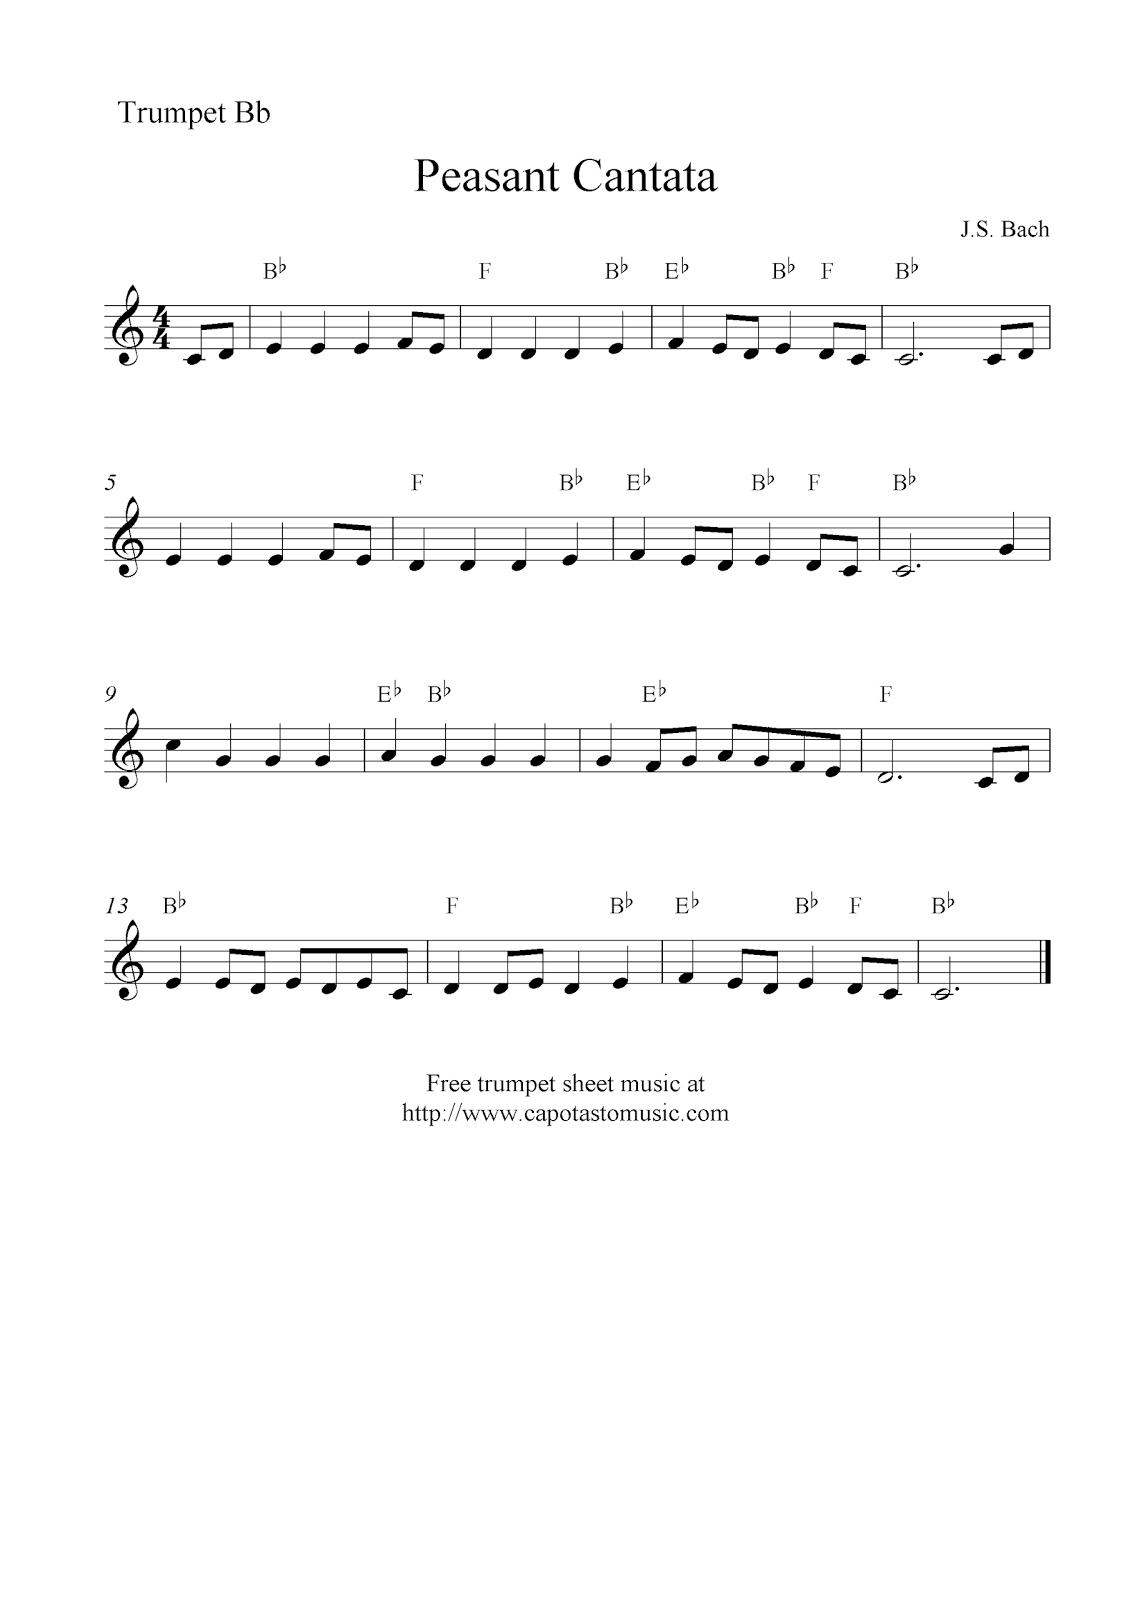 Peasant cantata bach free trumpet sheet music notes